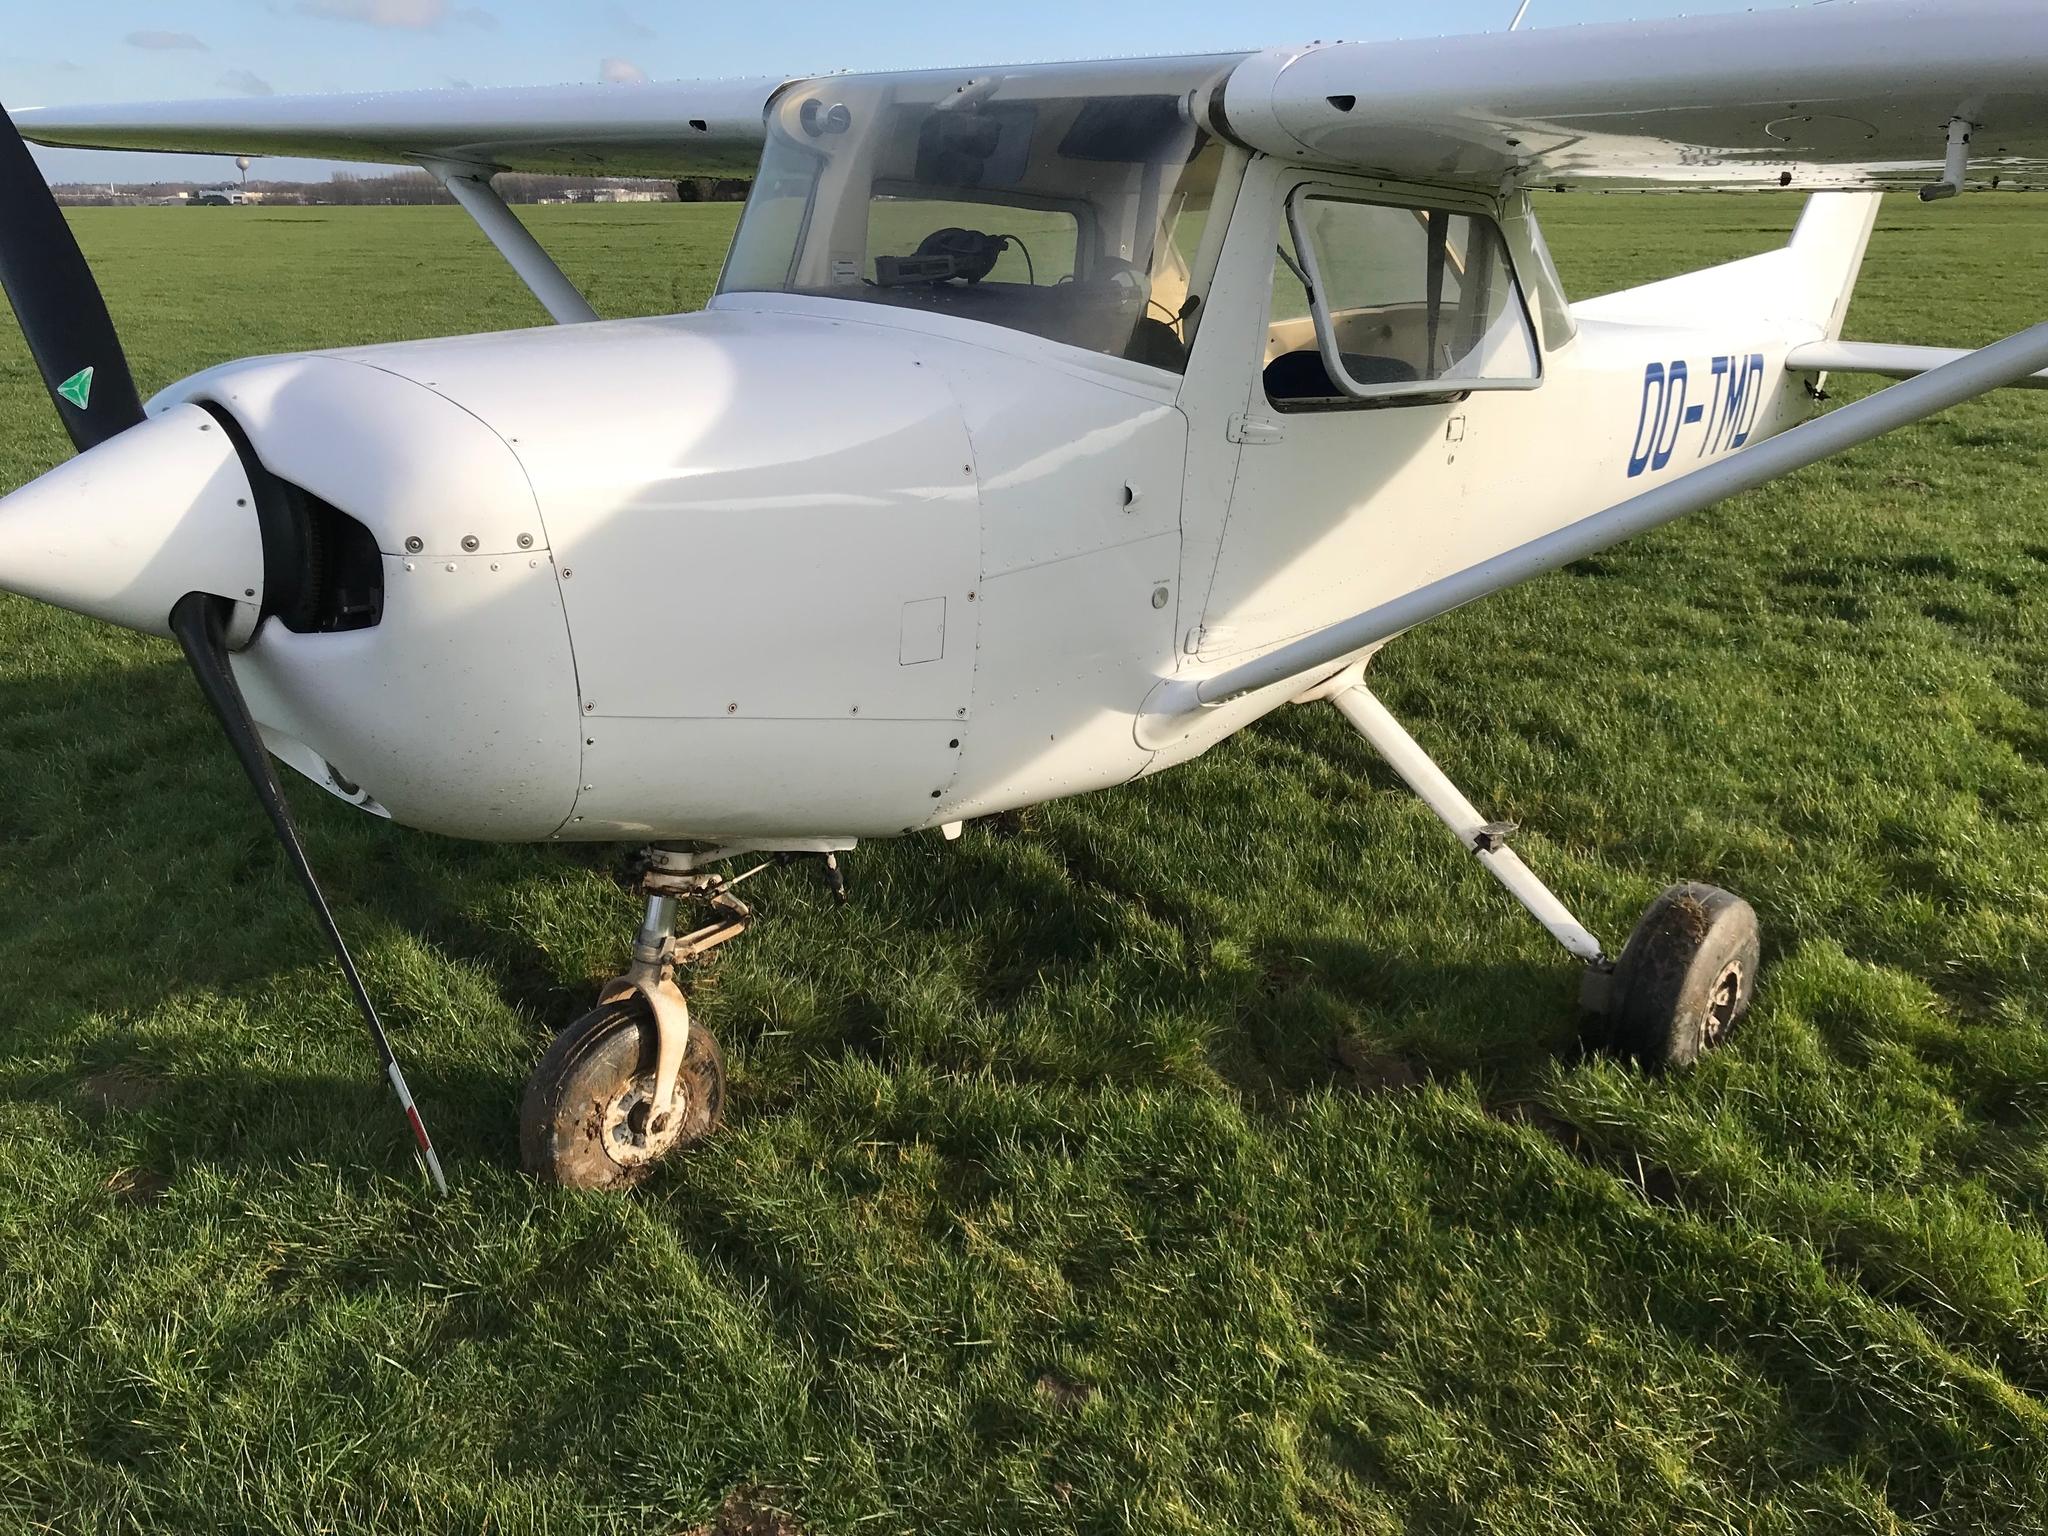 Piste Boueuse À Namur - Cessna, Oui ! serapportantà Avion De Oui Oui